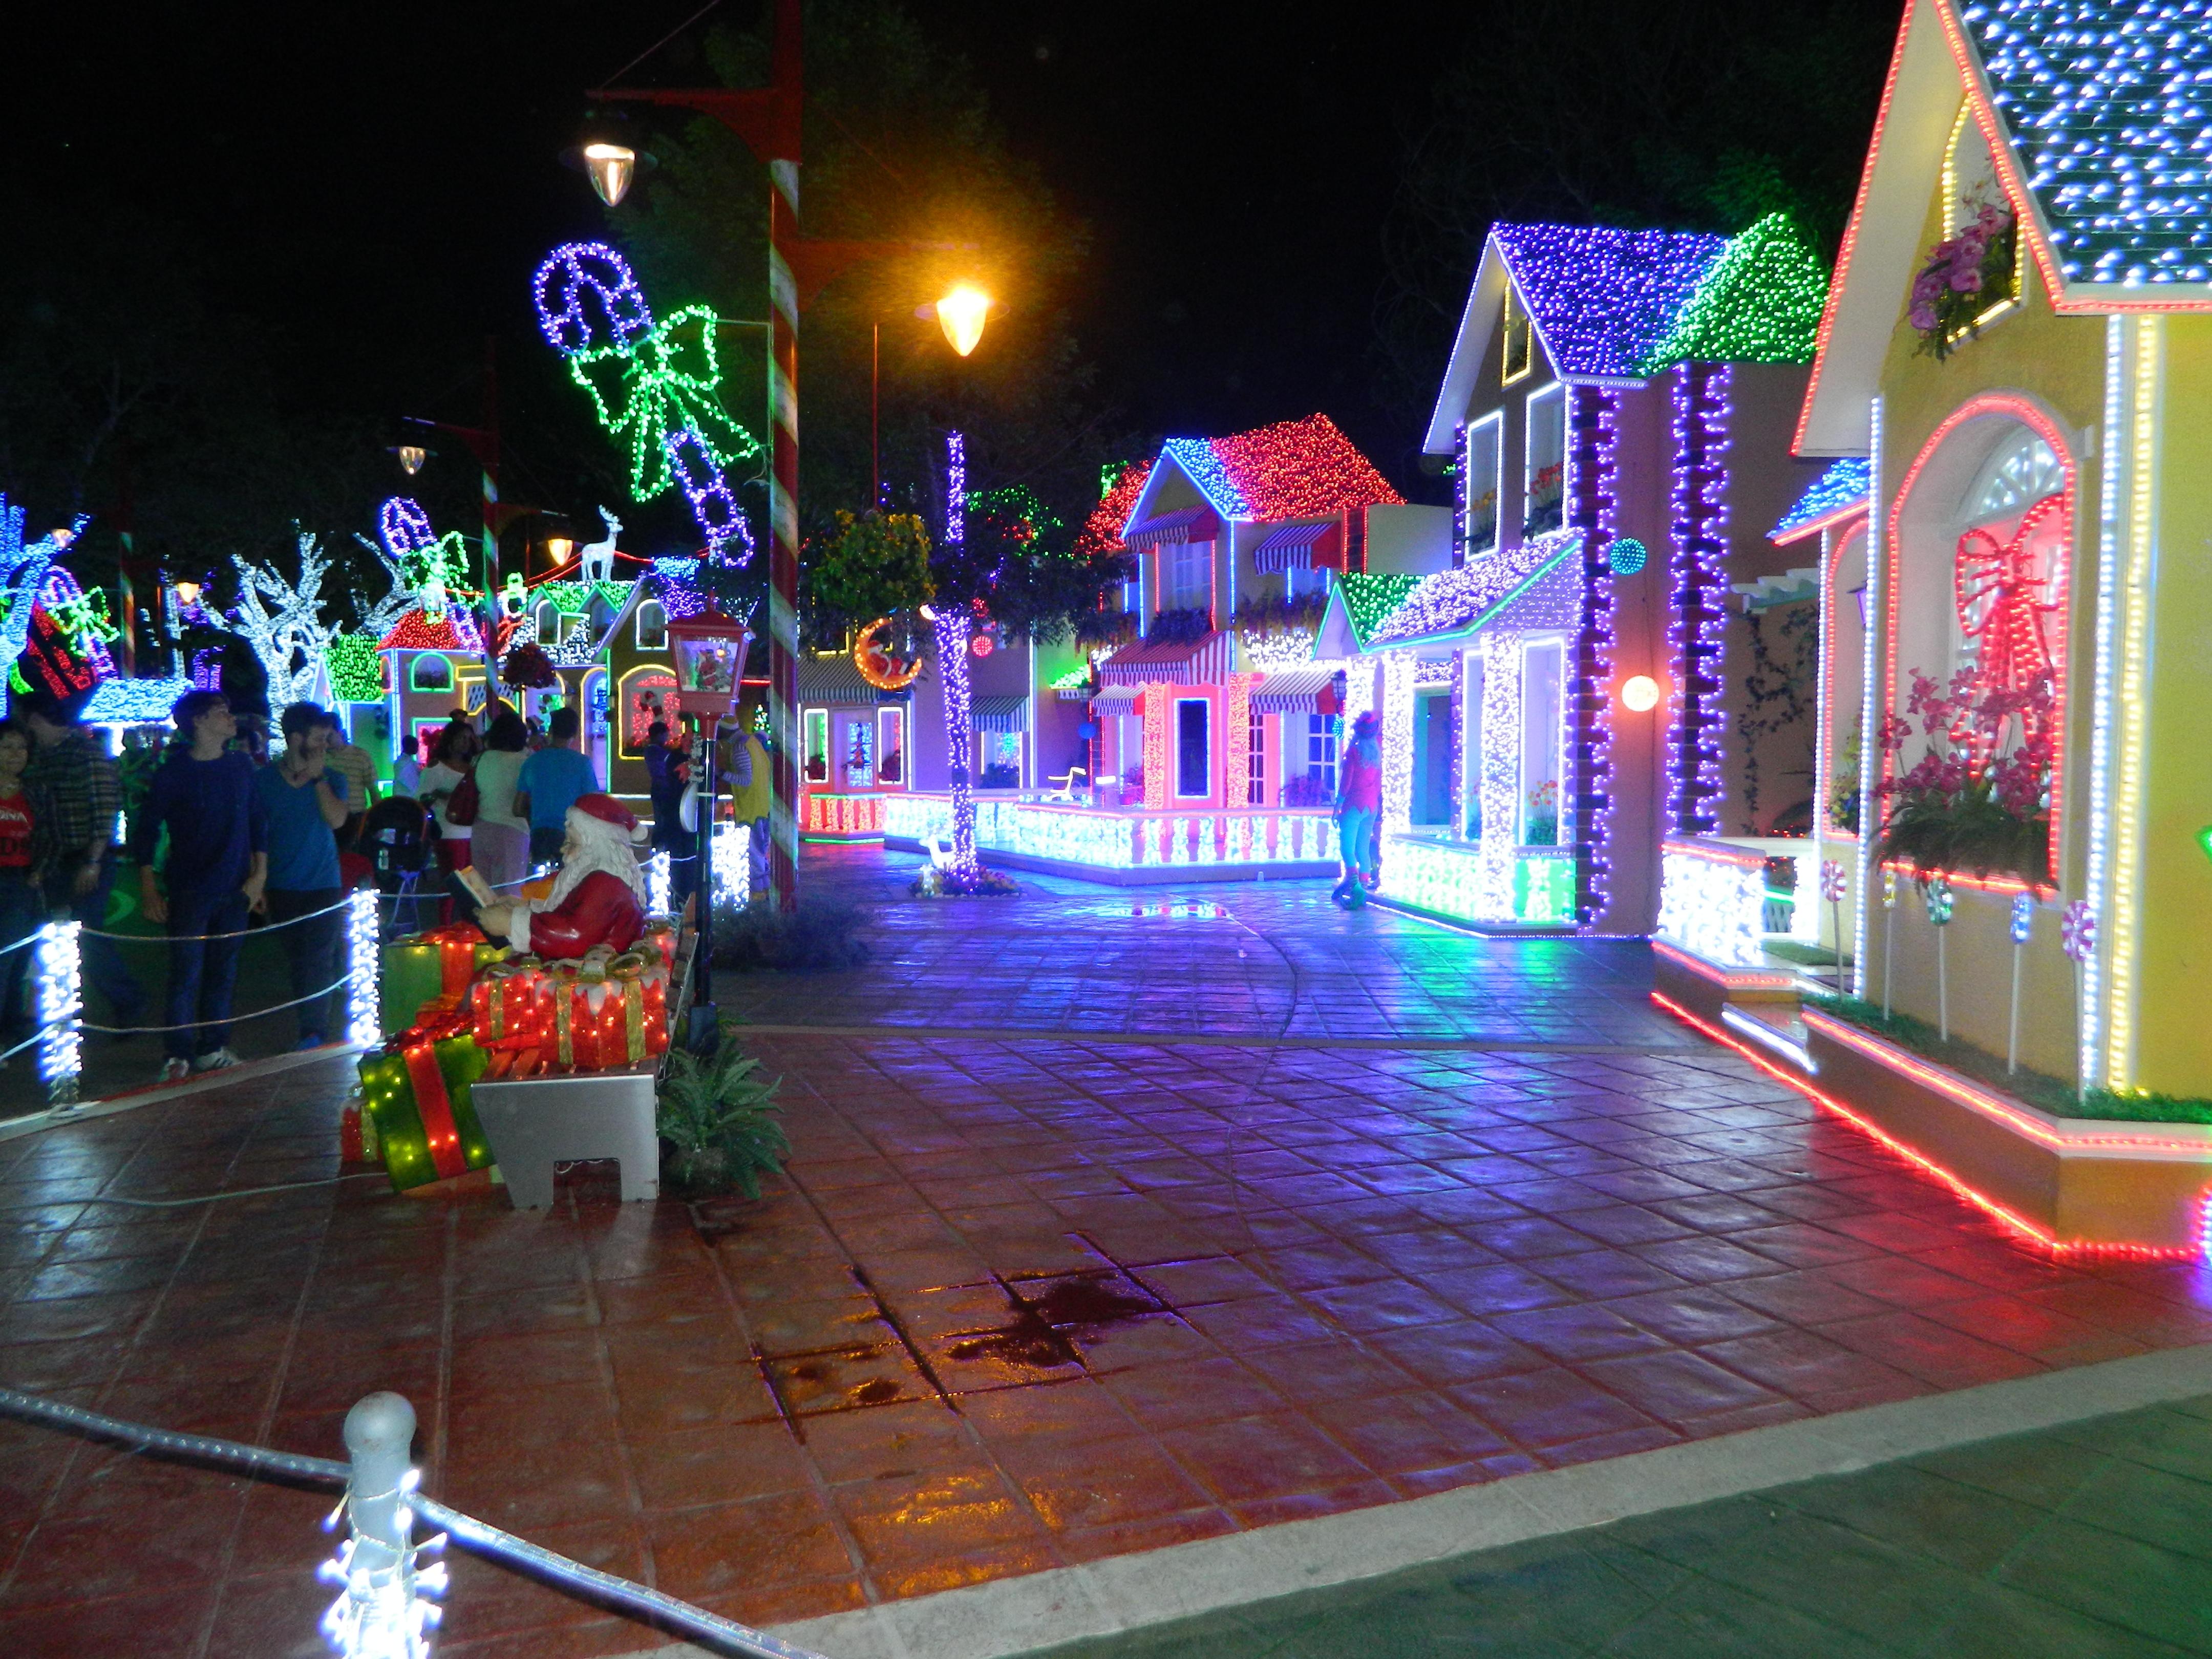 Brillante navidad decoremos con kiki - Imagenes de casas adornadas con luces de navidad ...